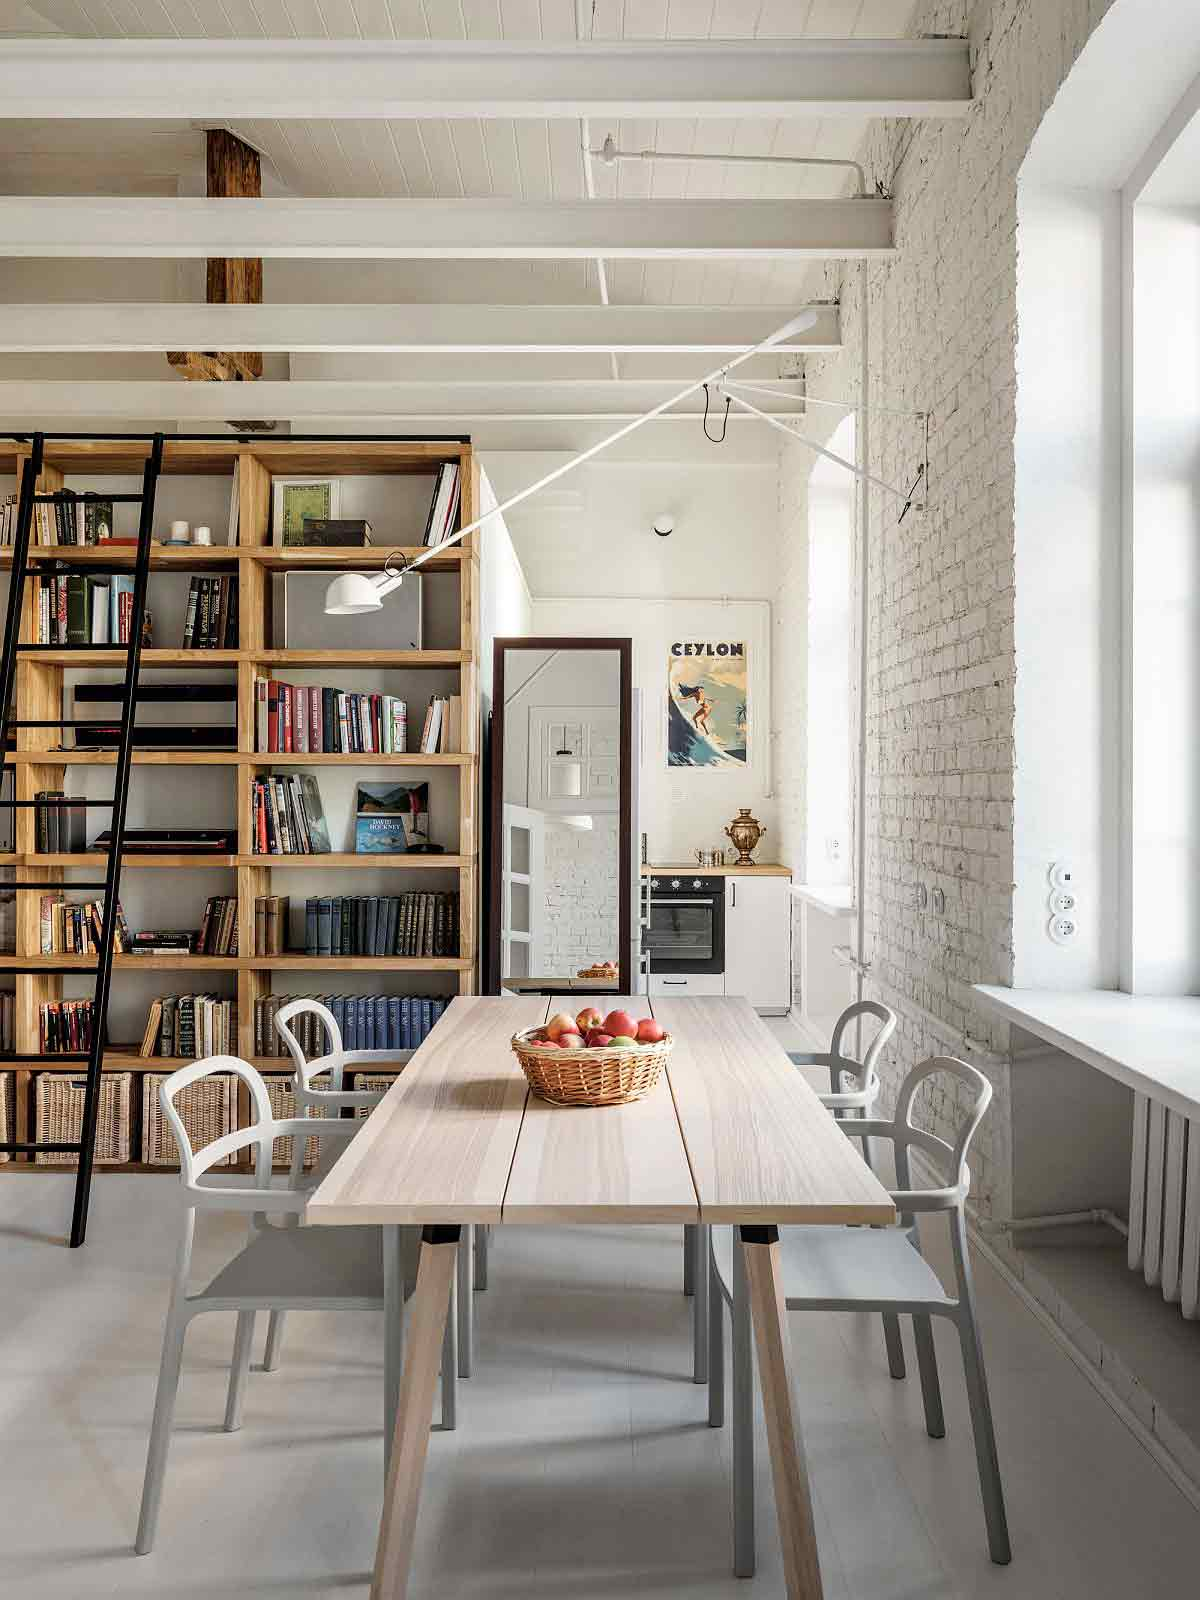 Desain interior ruang makan apartemen di Moskow karya Buro5, via decoist.com